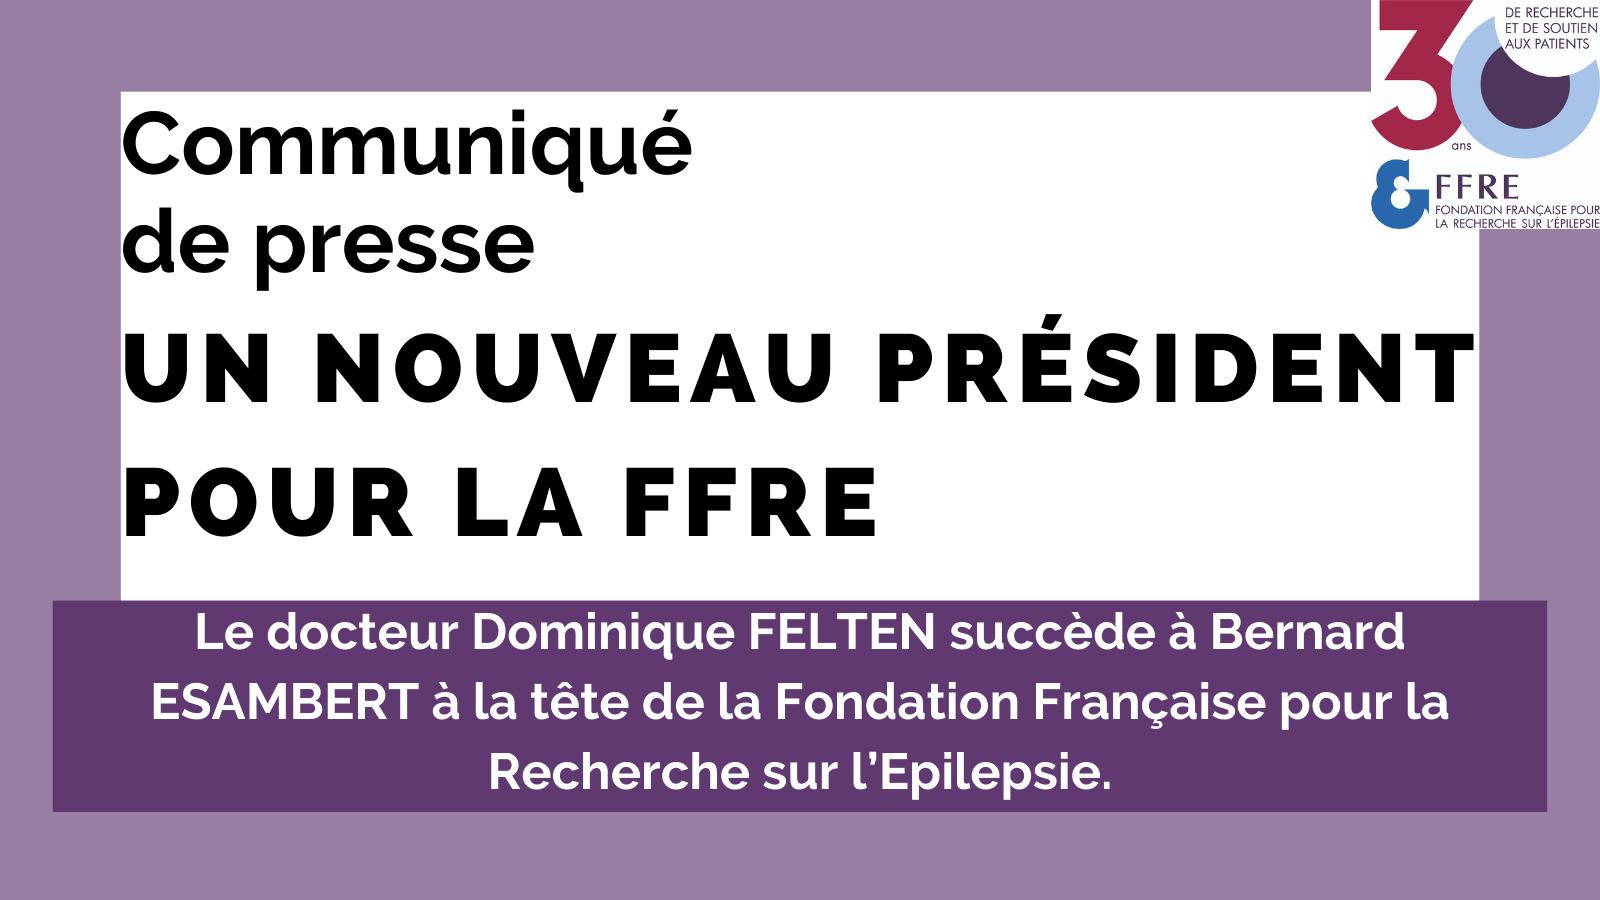 Communiqué de presse nouveau président FFRE